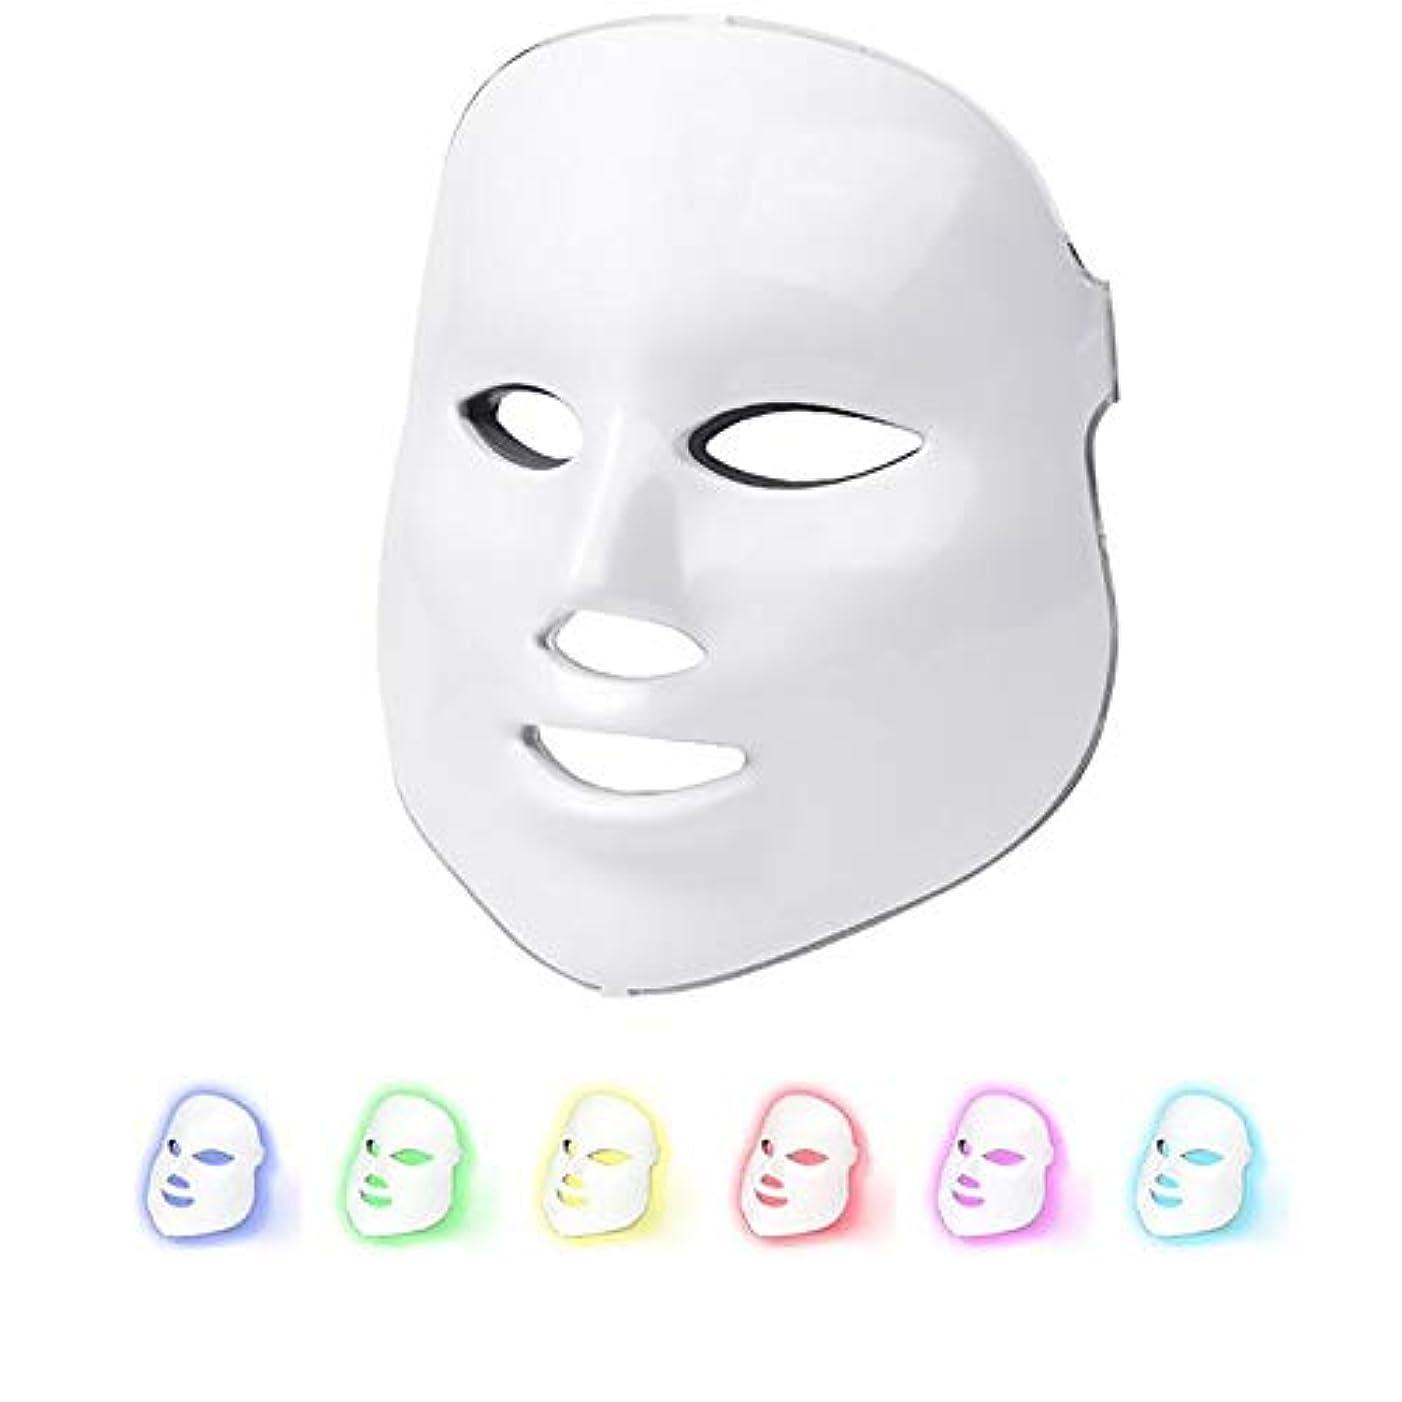 滅多完全に動力学ライトセラピーマスク、7色LEDフェイスマスク、アンチエイジングファーミングスキン改善、健康な肌の若返り